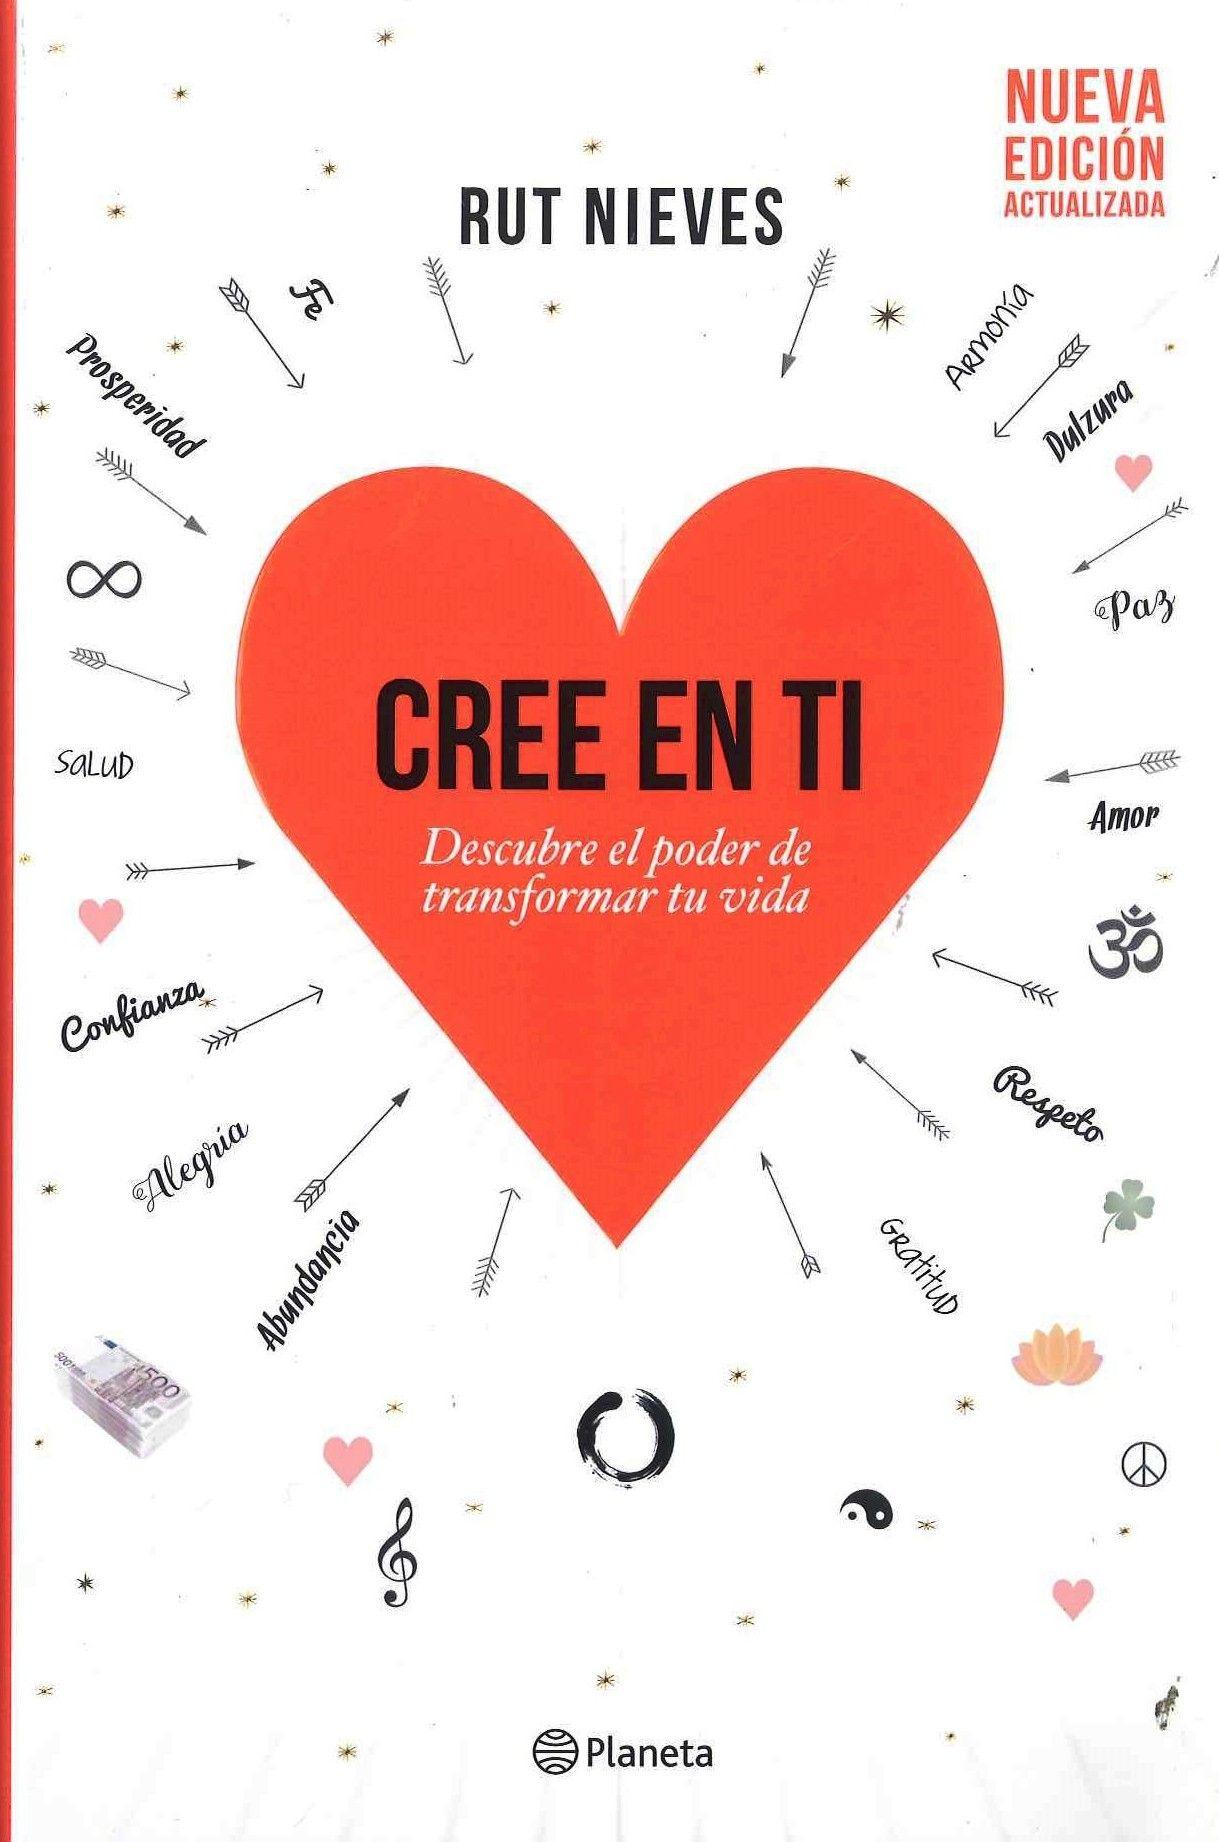 Descargar Cree en Ti de Rut Nieves | things en 2019 | Leer libros gratis,  Libros pdf descargar gratis y Libros gratis epub